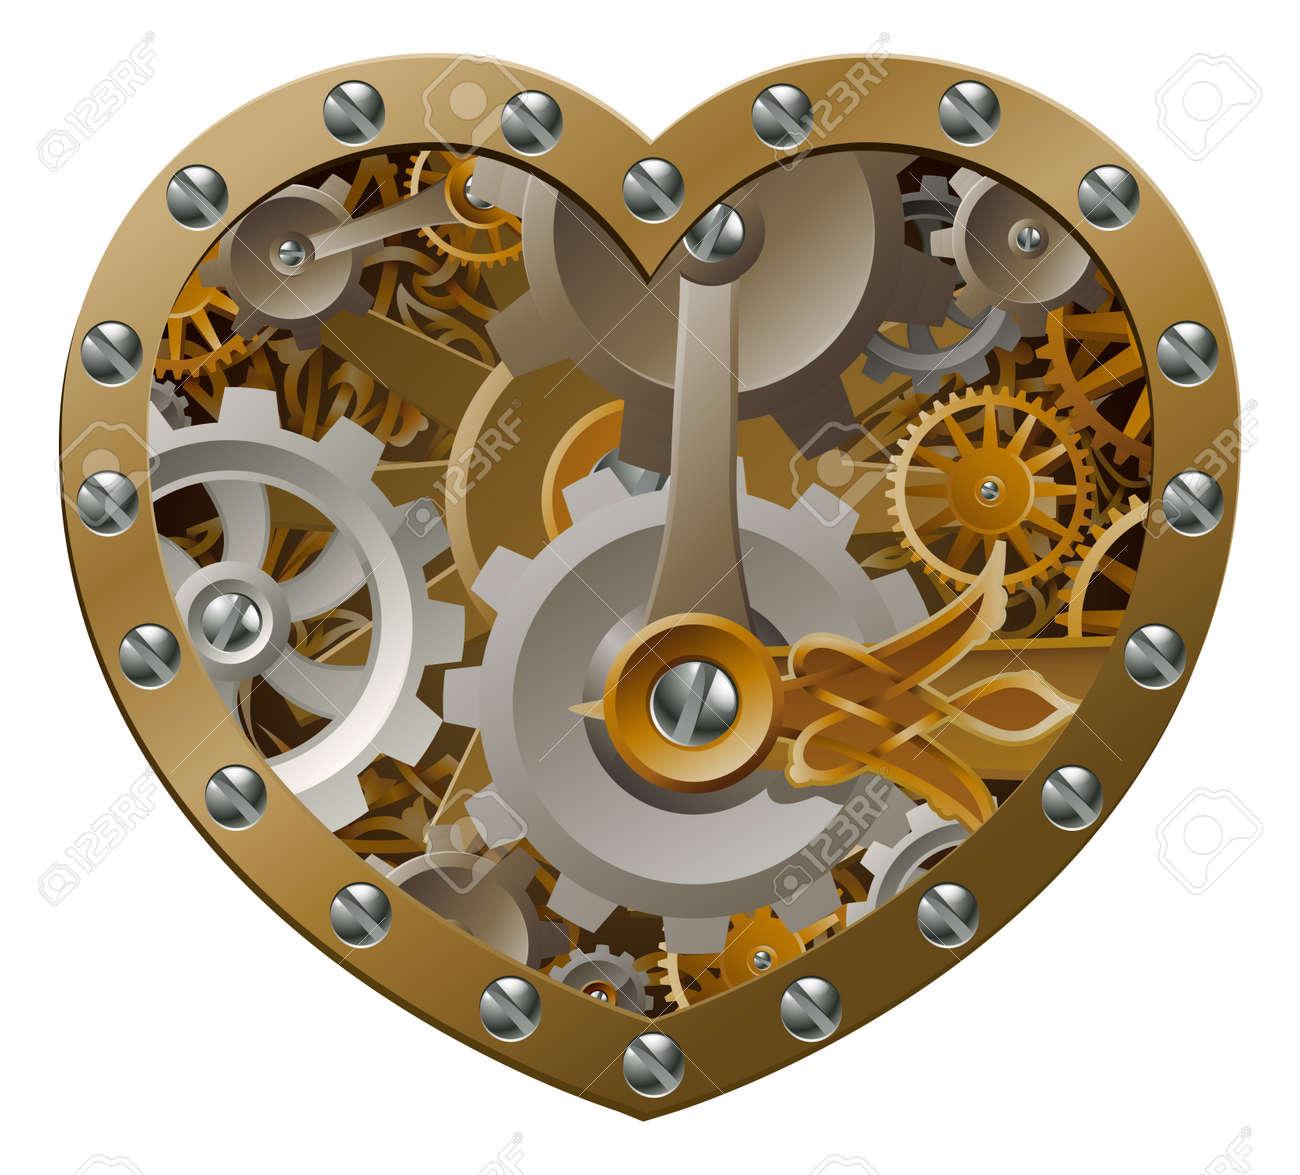 Hecha Corazón De Forma Concepto Reloj Steampunk Y Con Engranajes ZiwXlPkuTO